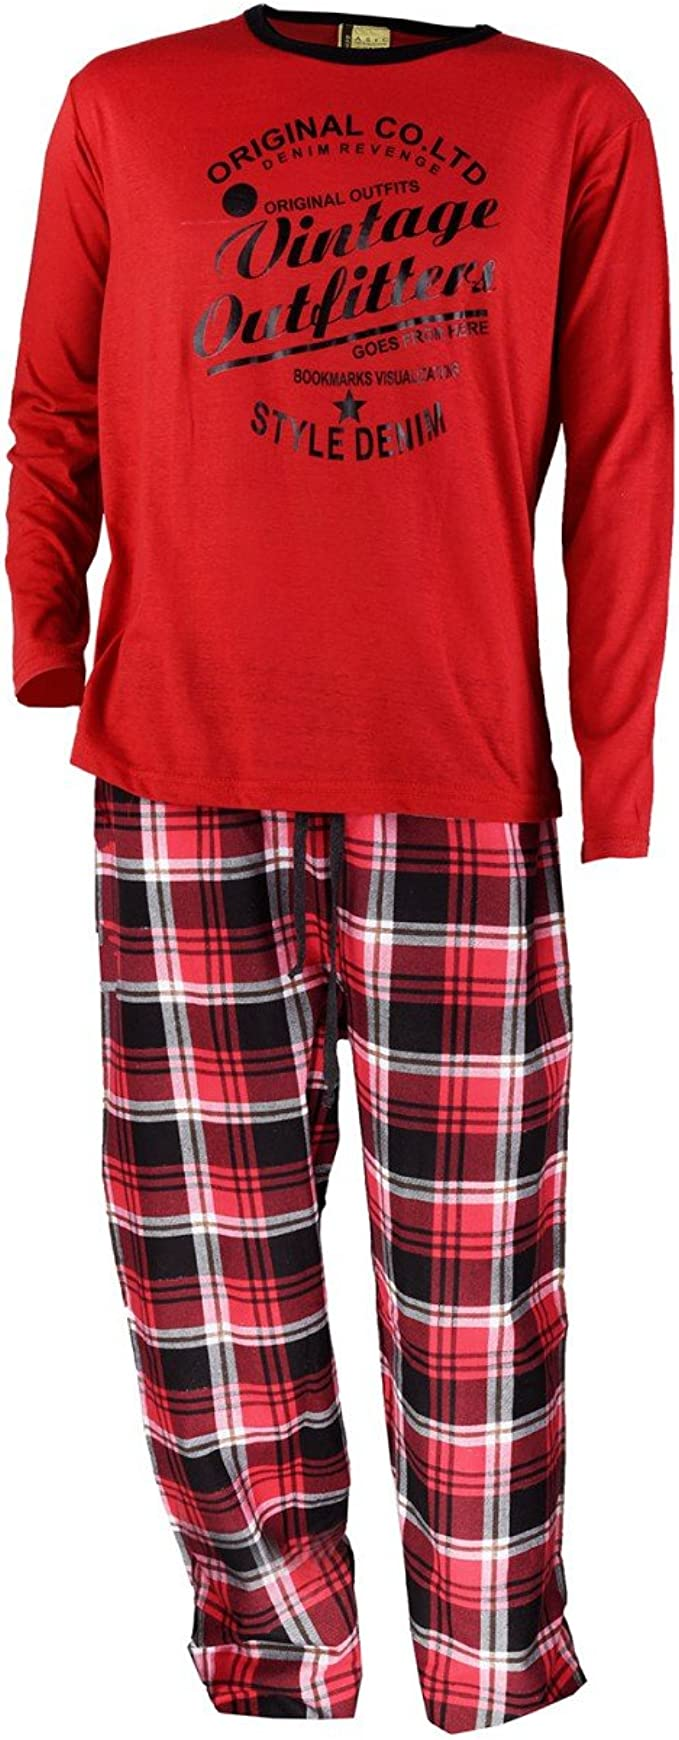 Pijama de franela para hombre, color rojo